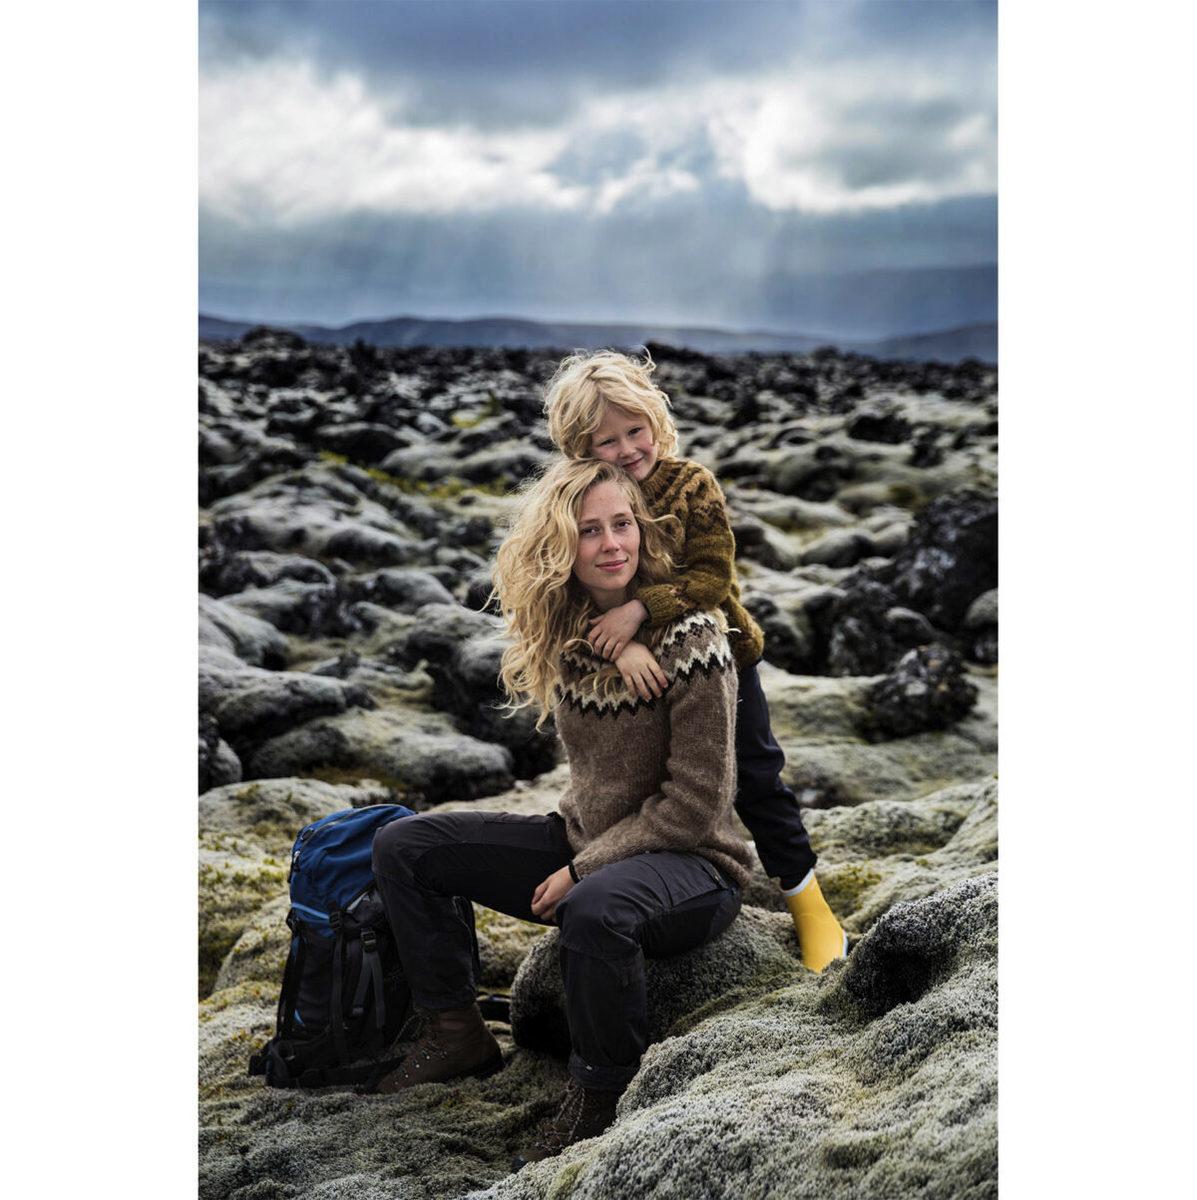 冰島雷克雅未克附近的母子。(米哈艾拉提供)